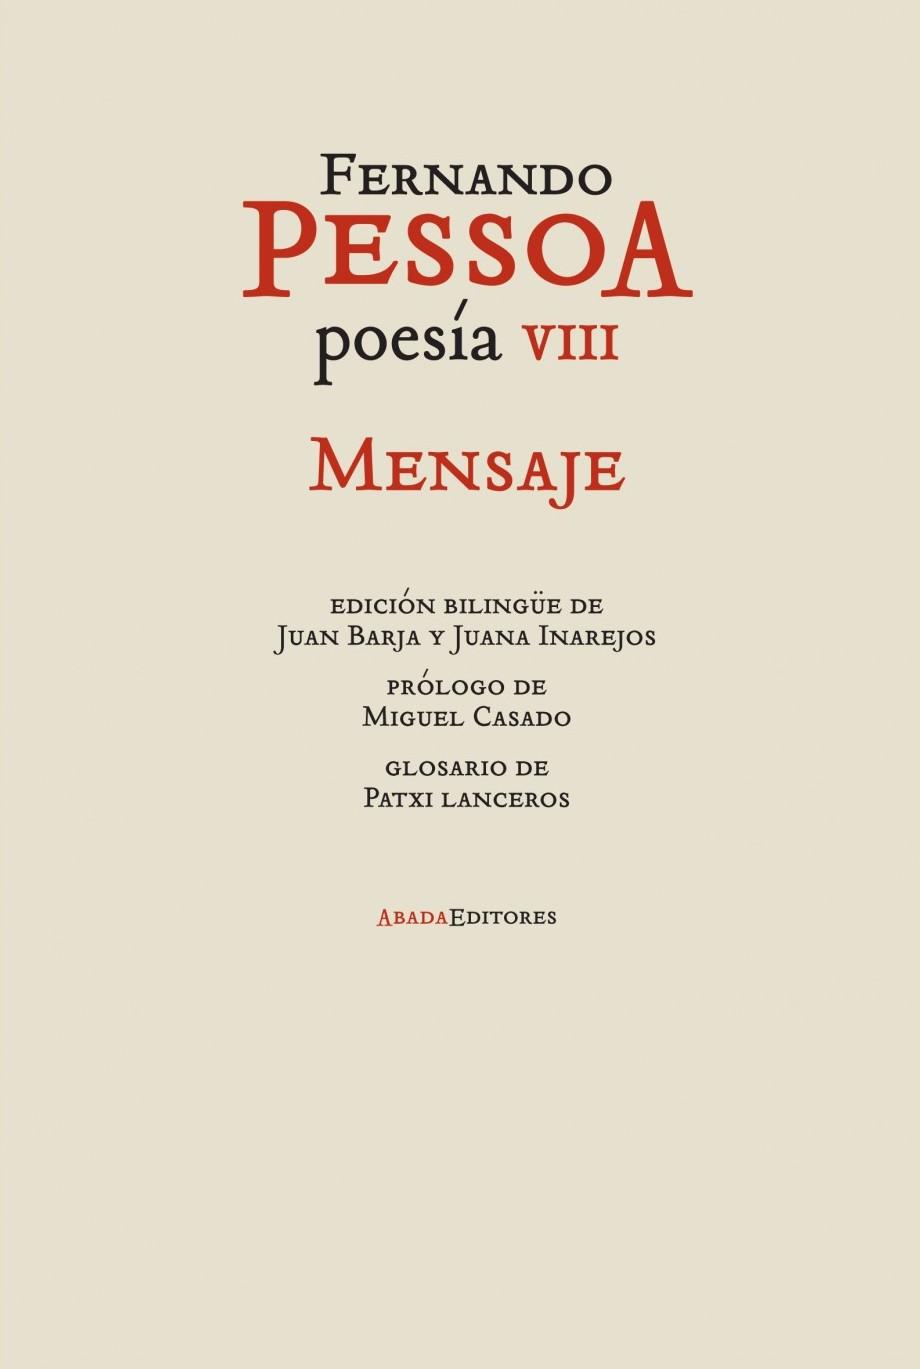 Mensaje - Fernando Pessoa pdf